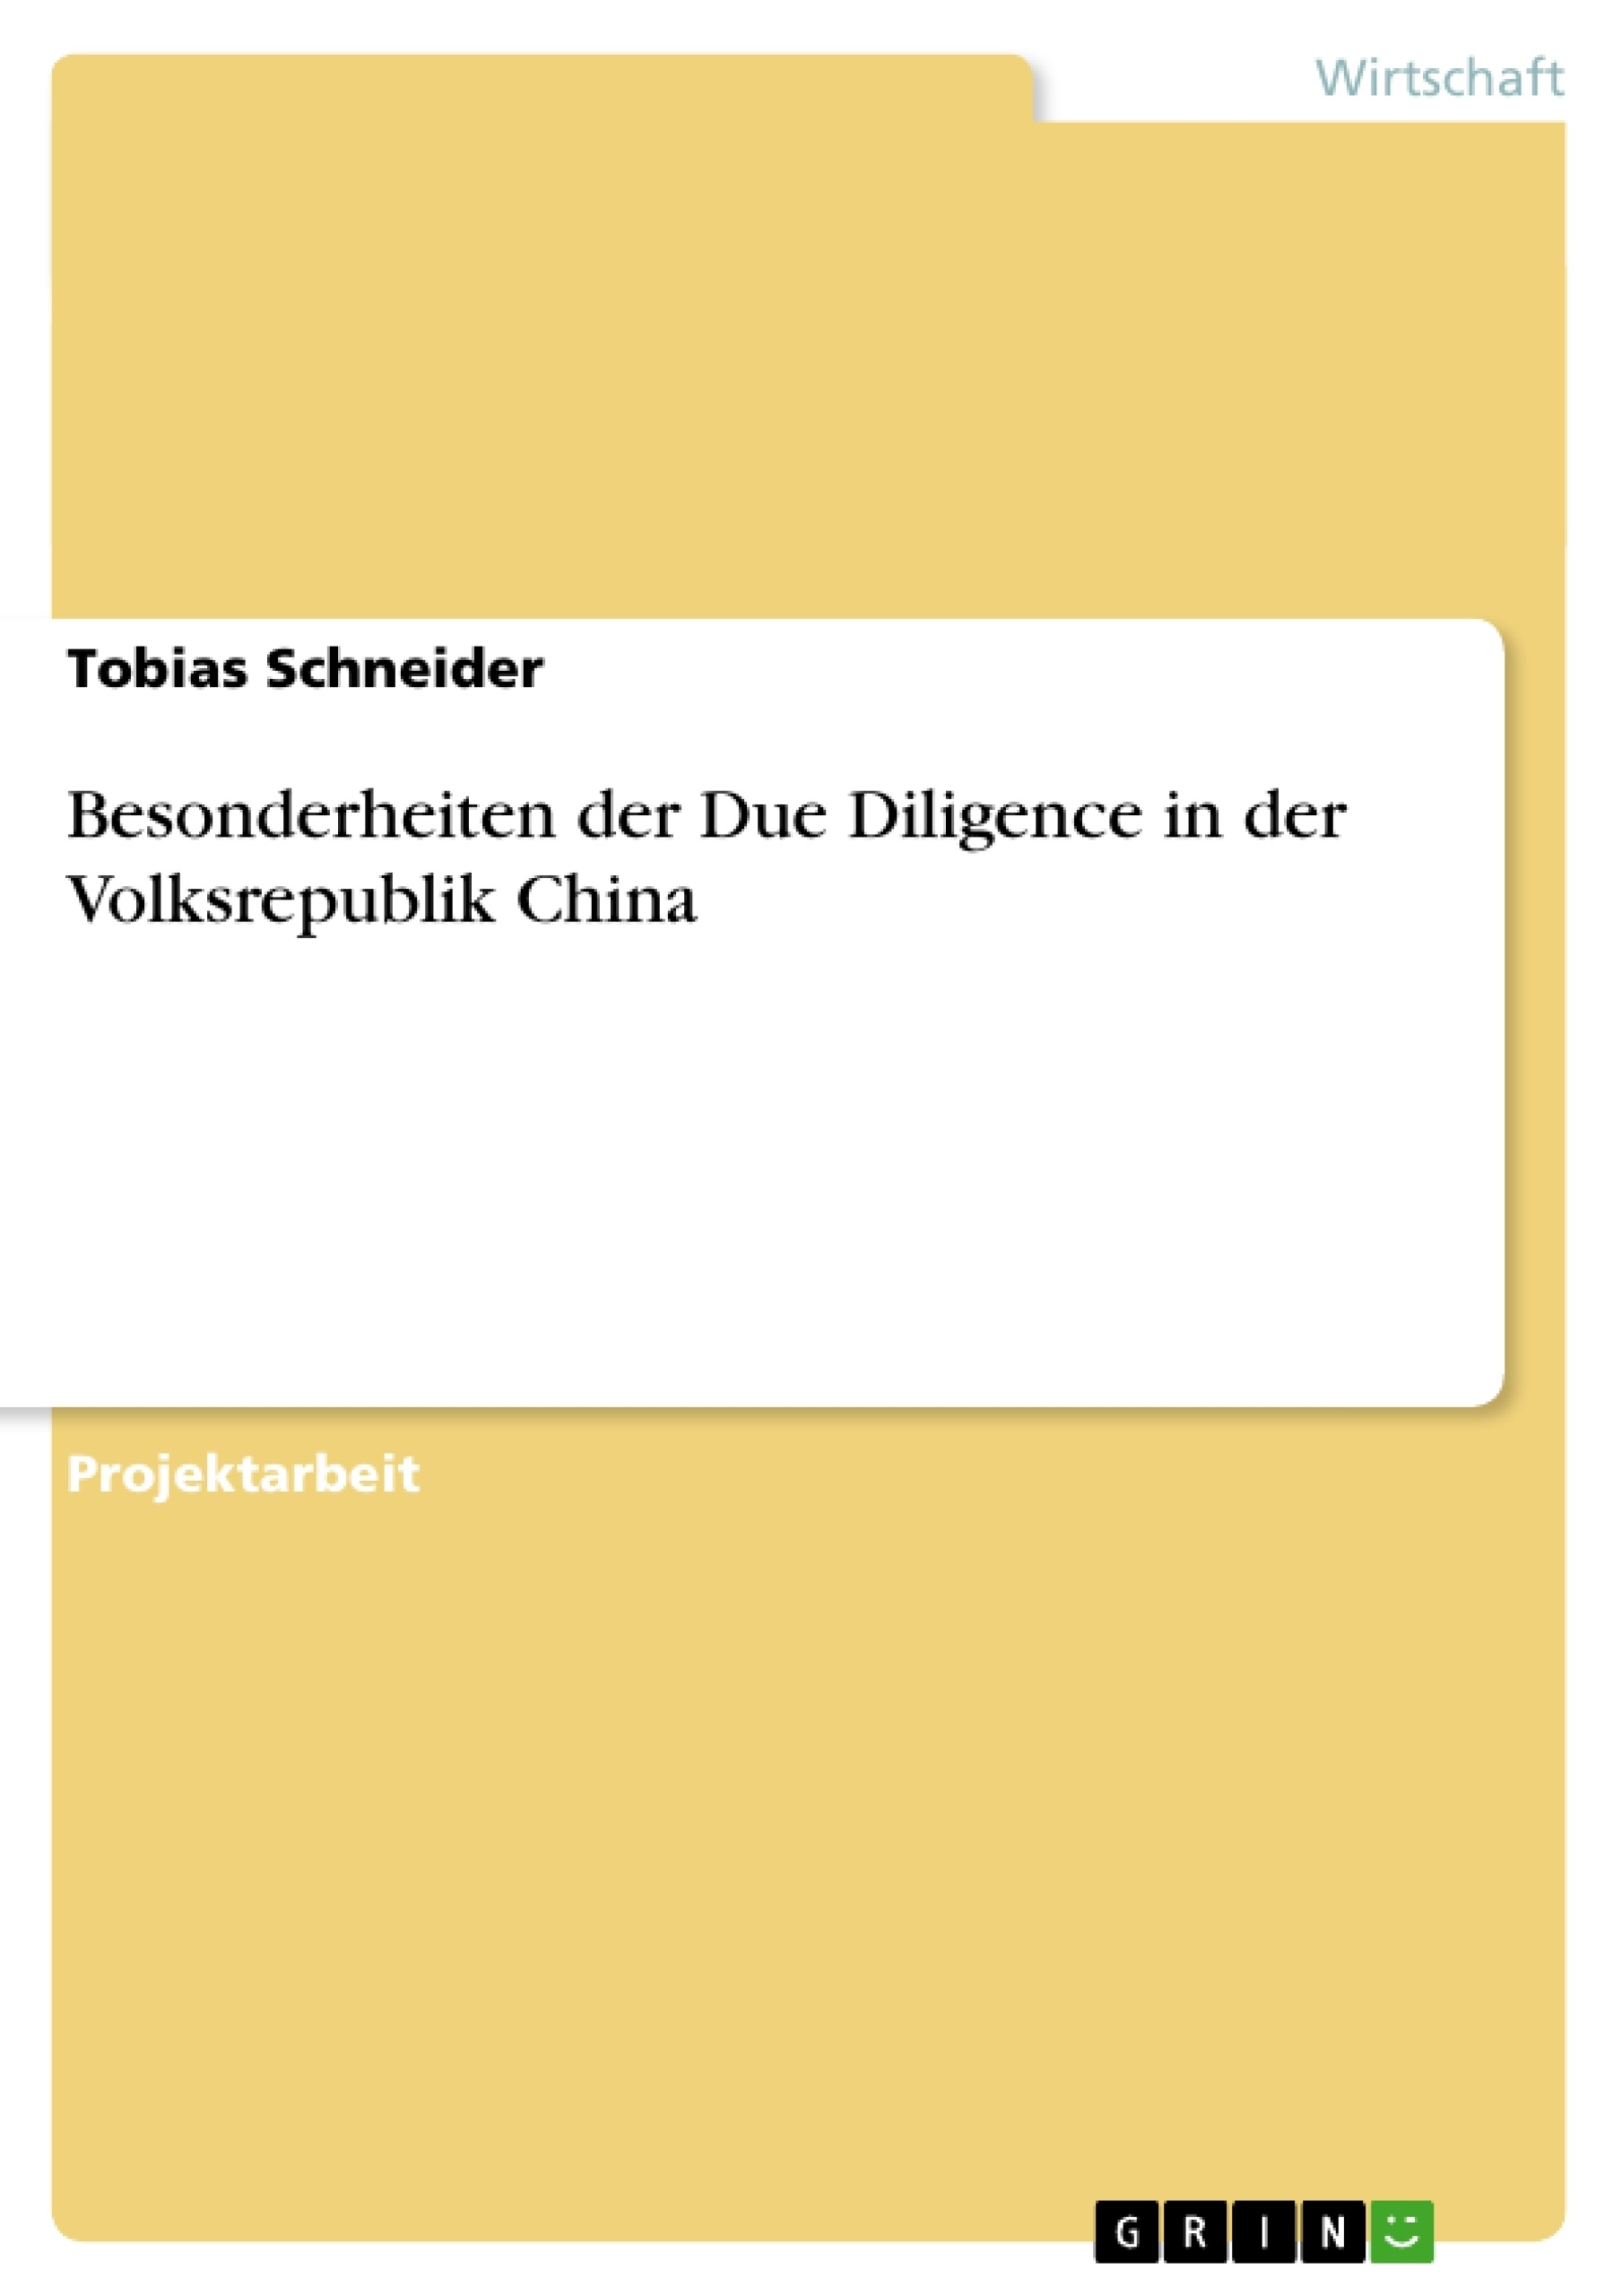 Titel: Besonderheiten der Due Diligence in der Volksrepublik China